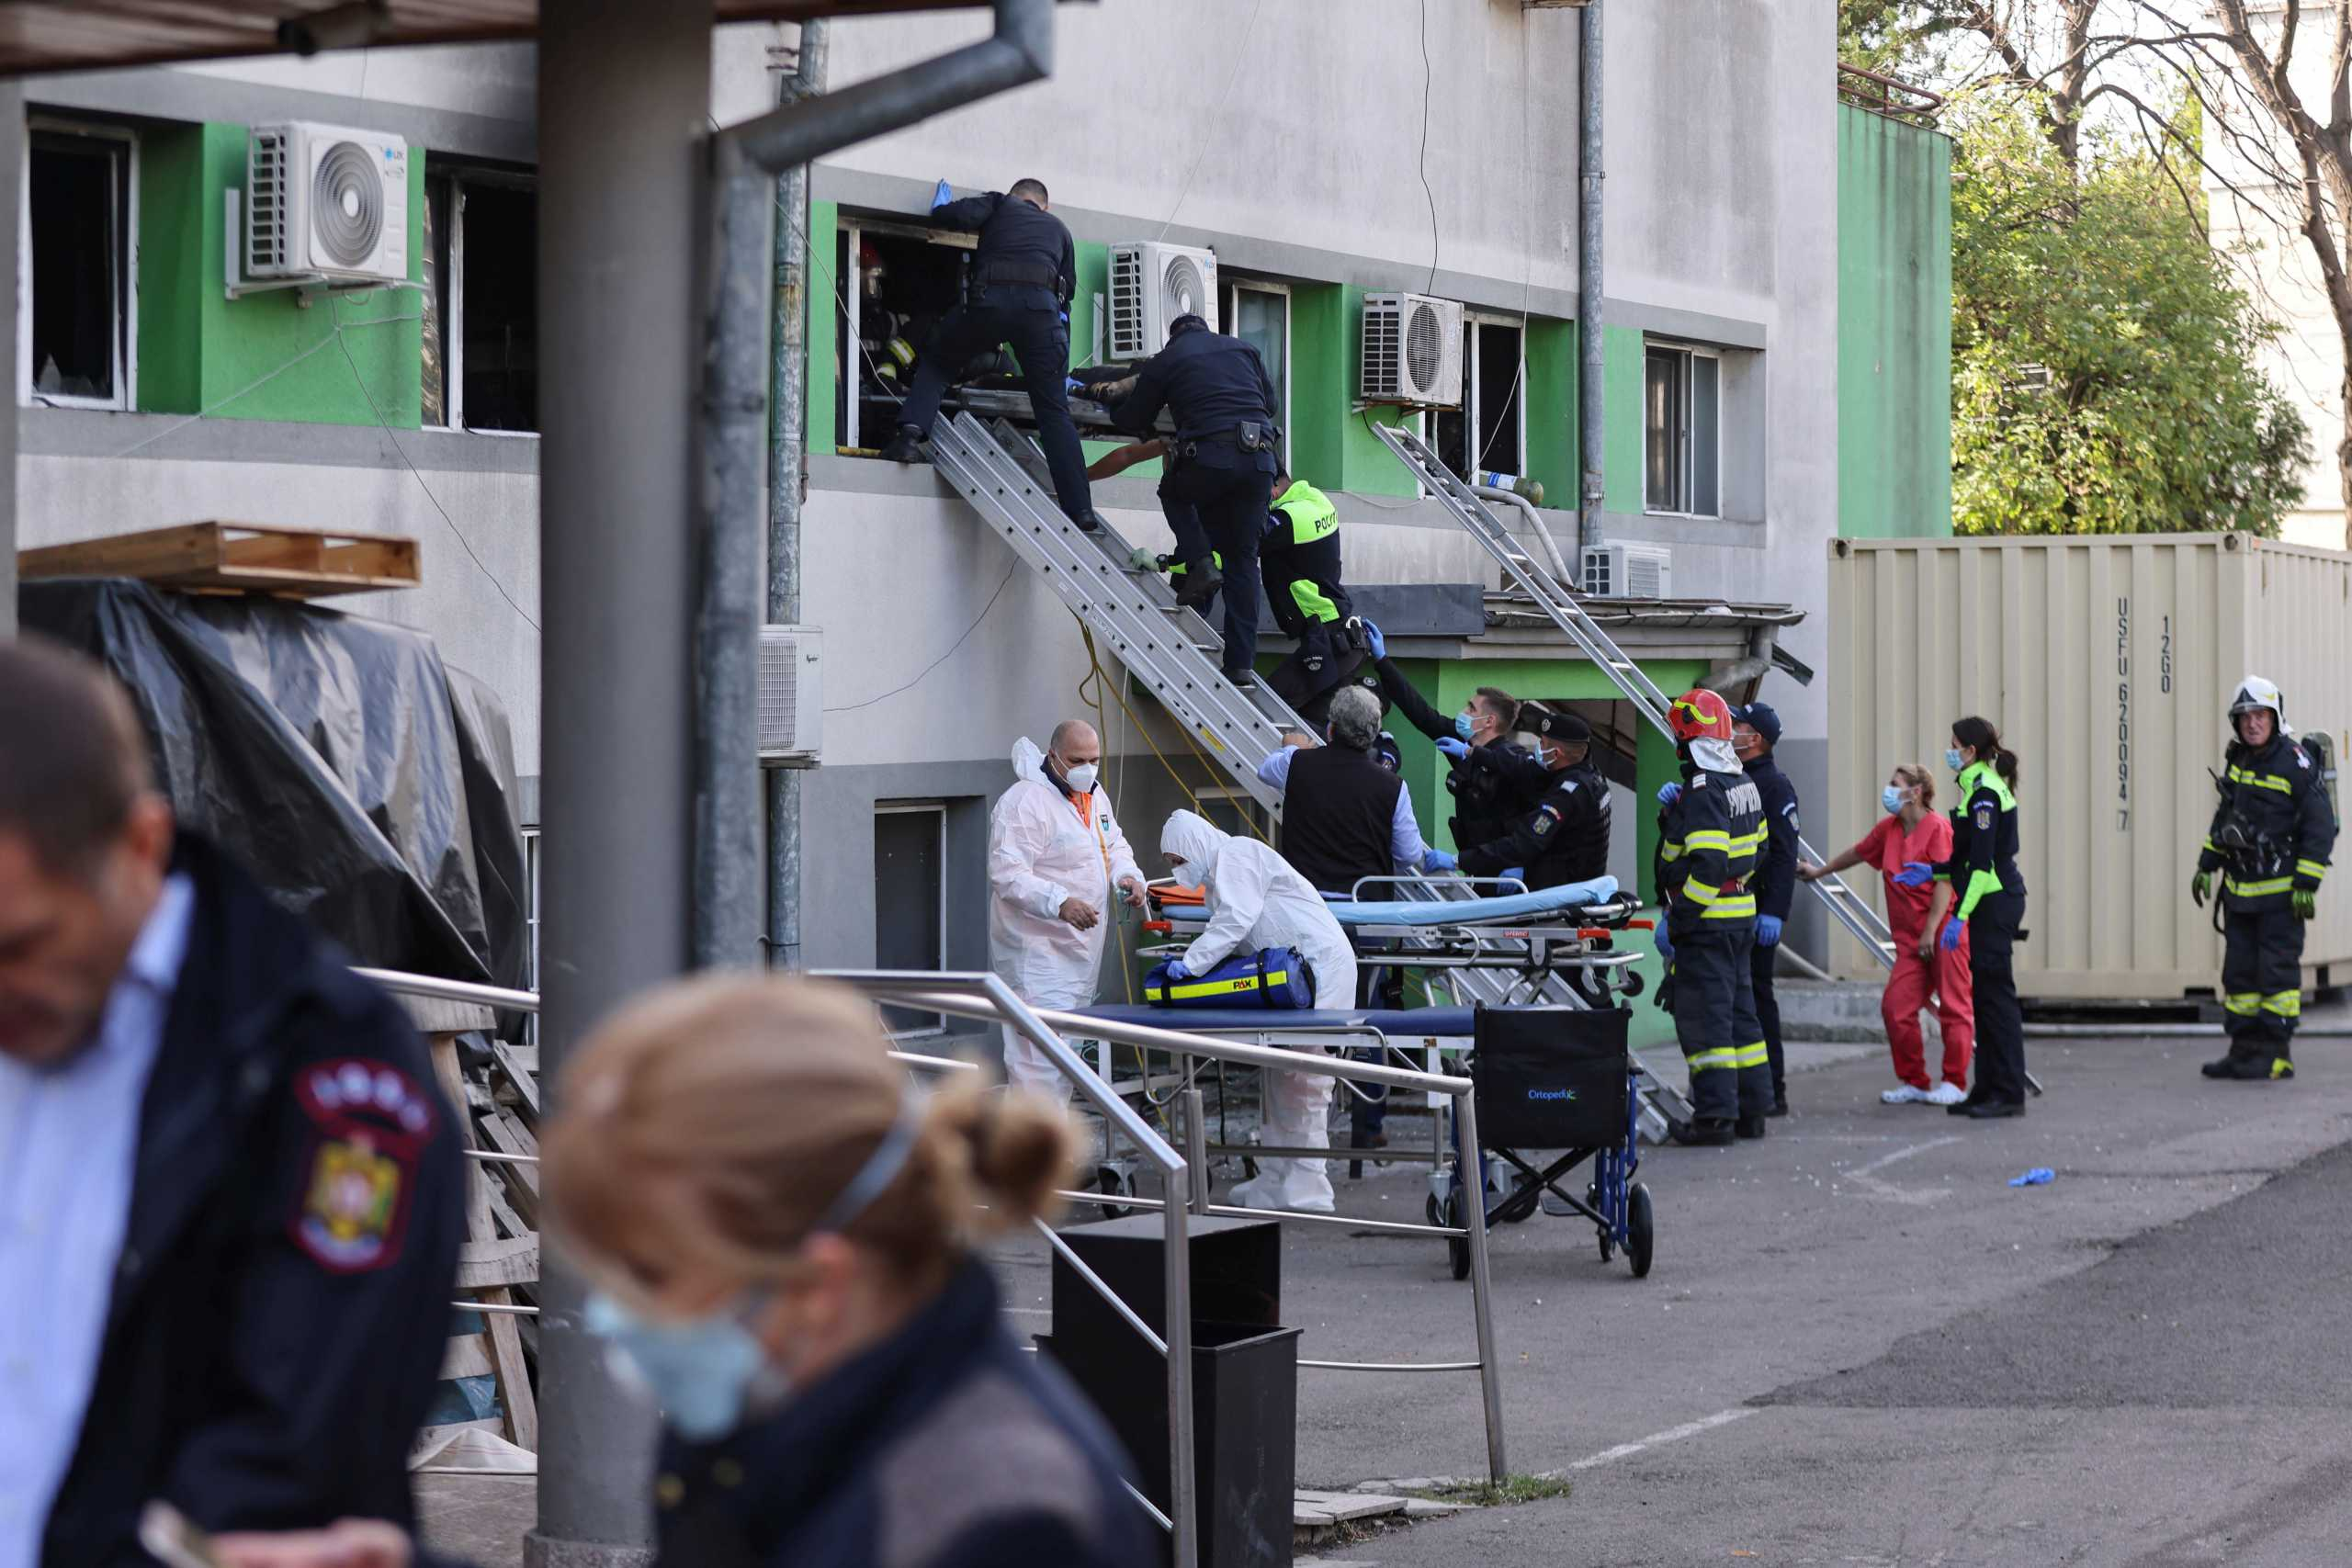 Ρουμανία: Νεκροί 7 ασθενείς με κορονοϊό από φωτιά σε νοσοκομείο στην Κωνστάντζα